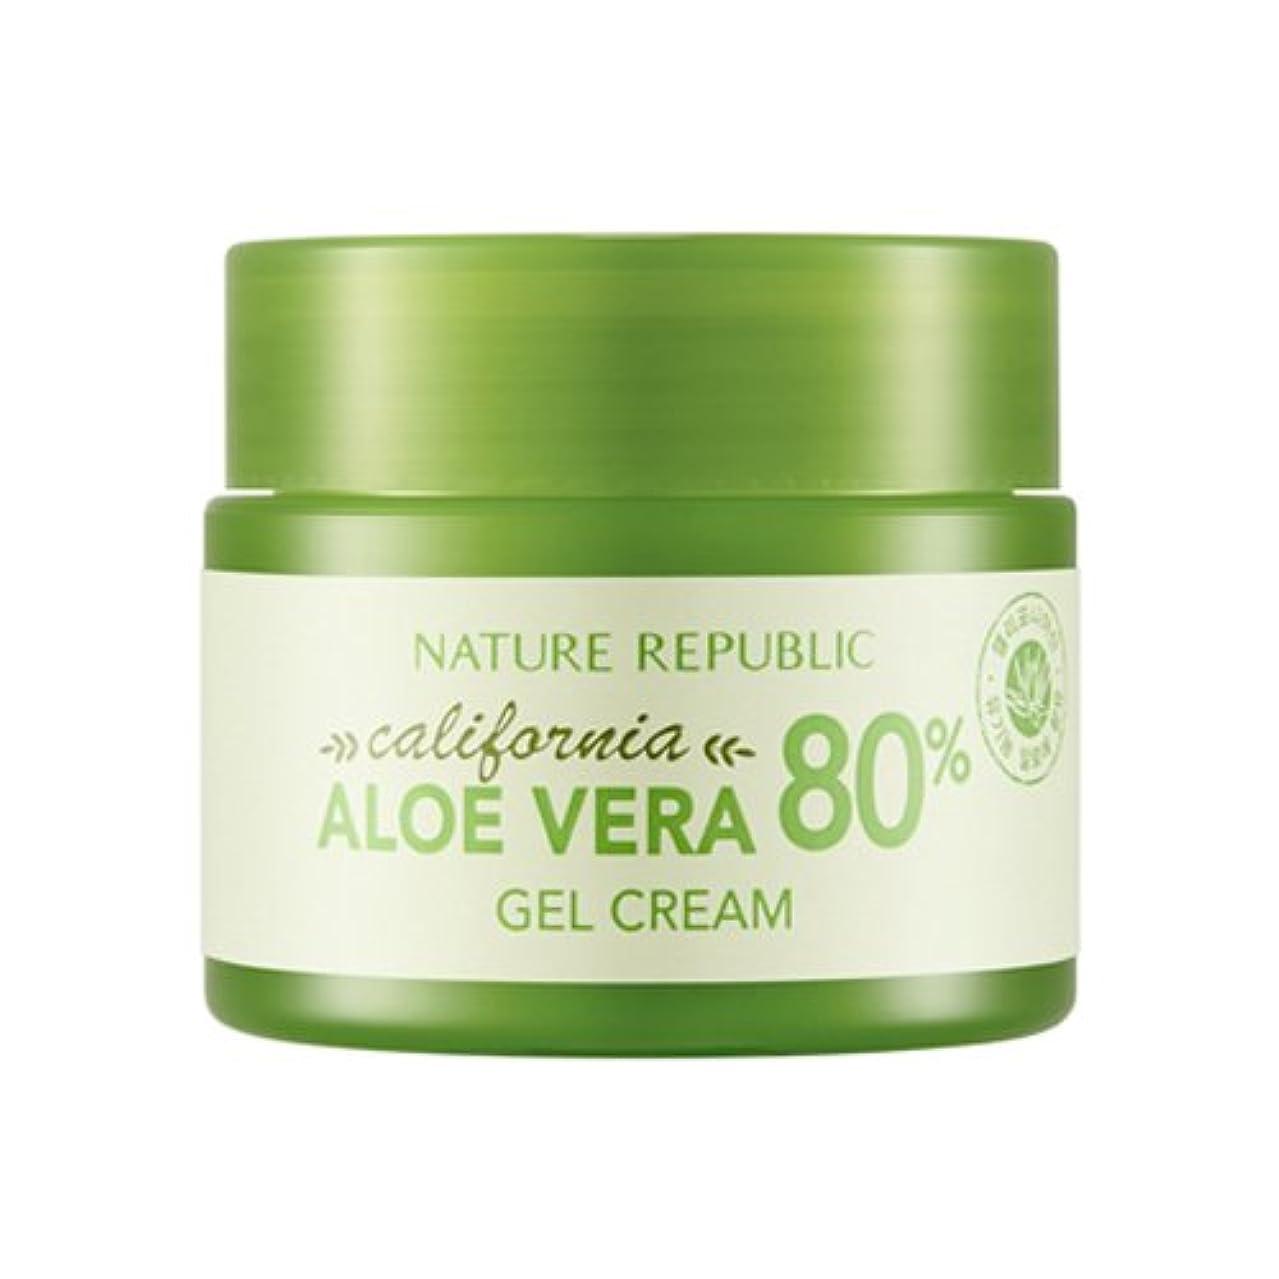 チャンピオン一過性枕[ネイチャーリパブリック] Nature Republic カリフォルニアアロエベラ80%のゲルクリーム California Aloe Vera 80% Gel Cream [並行輸入品]